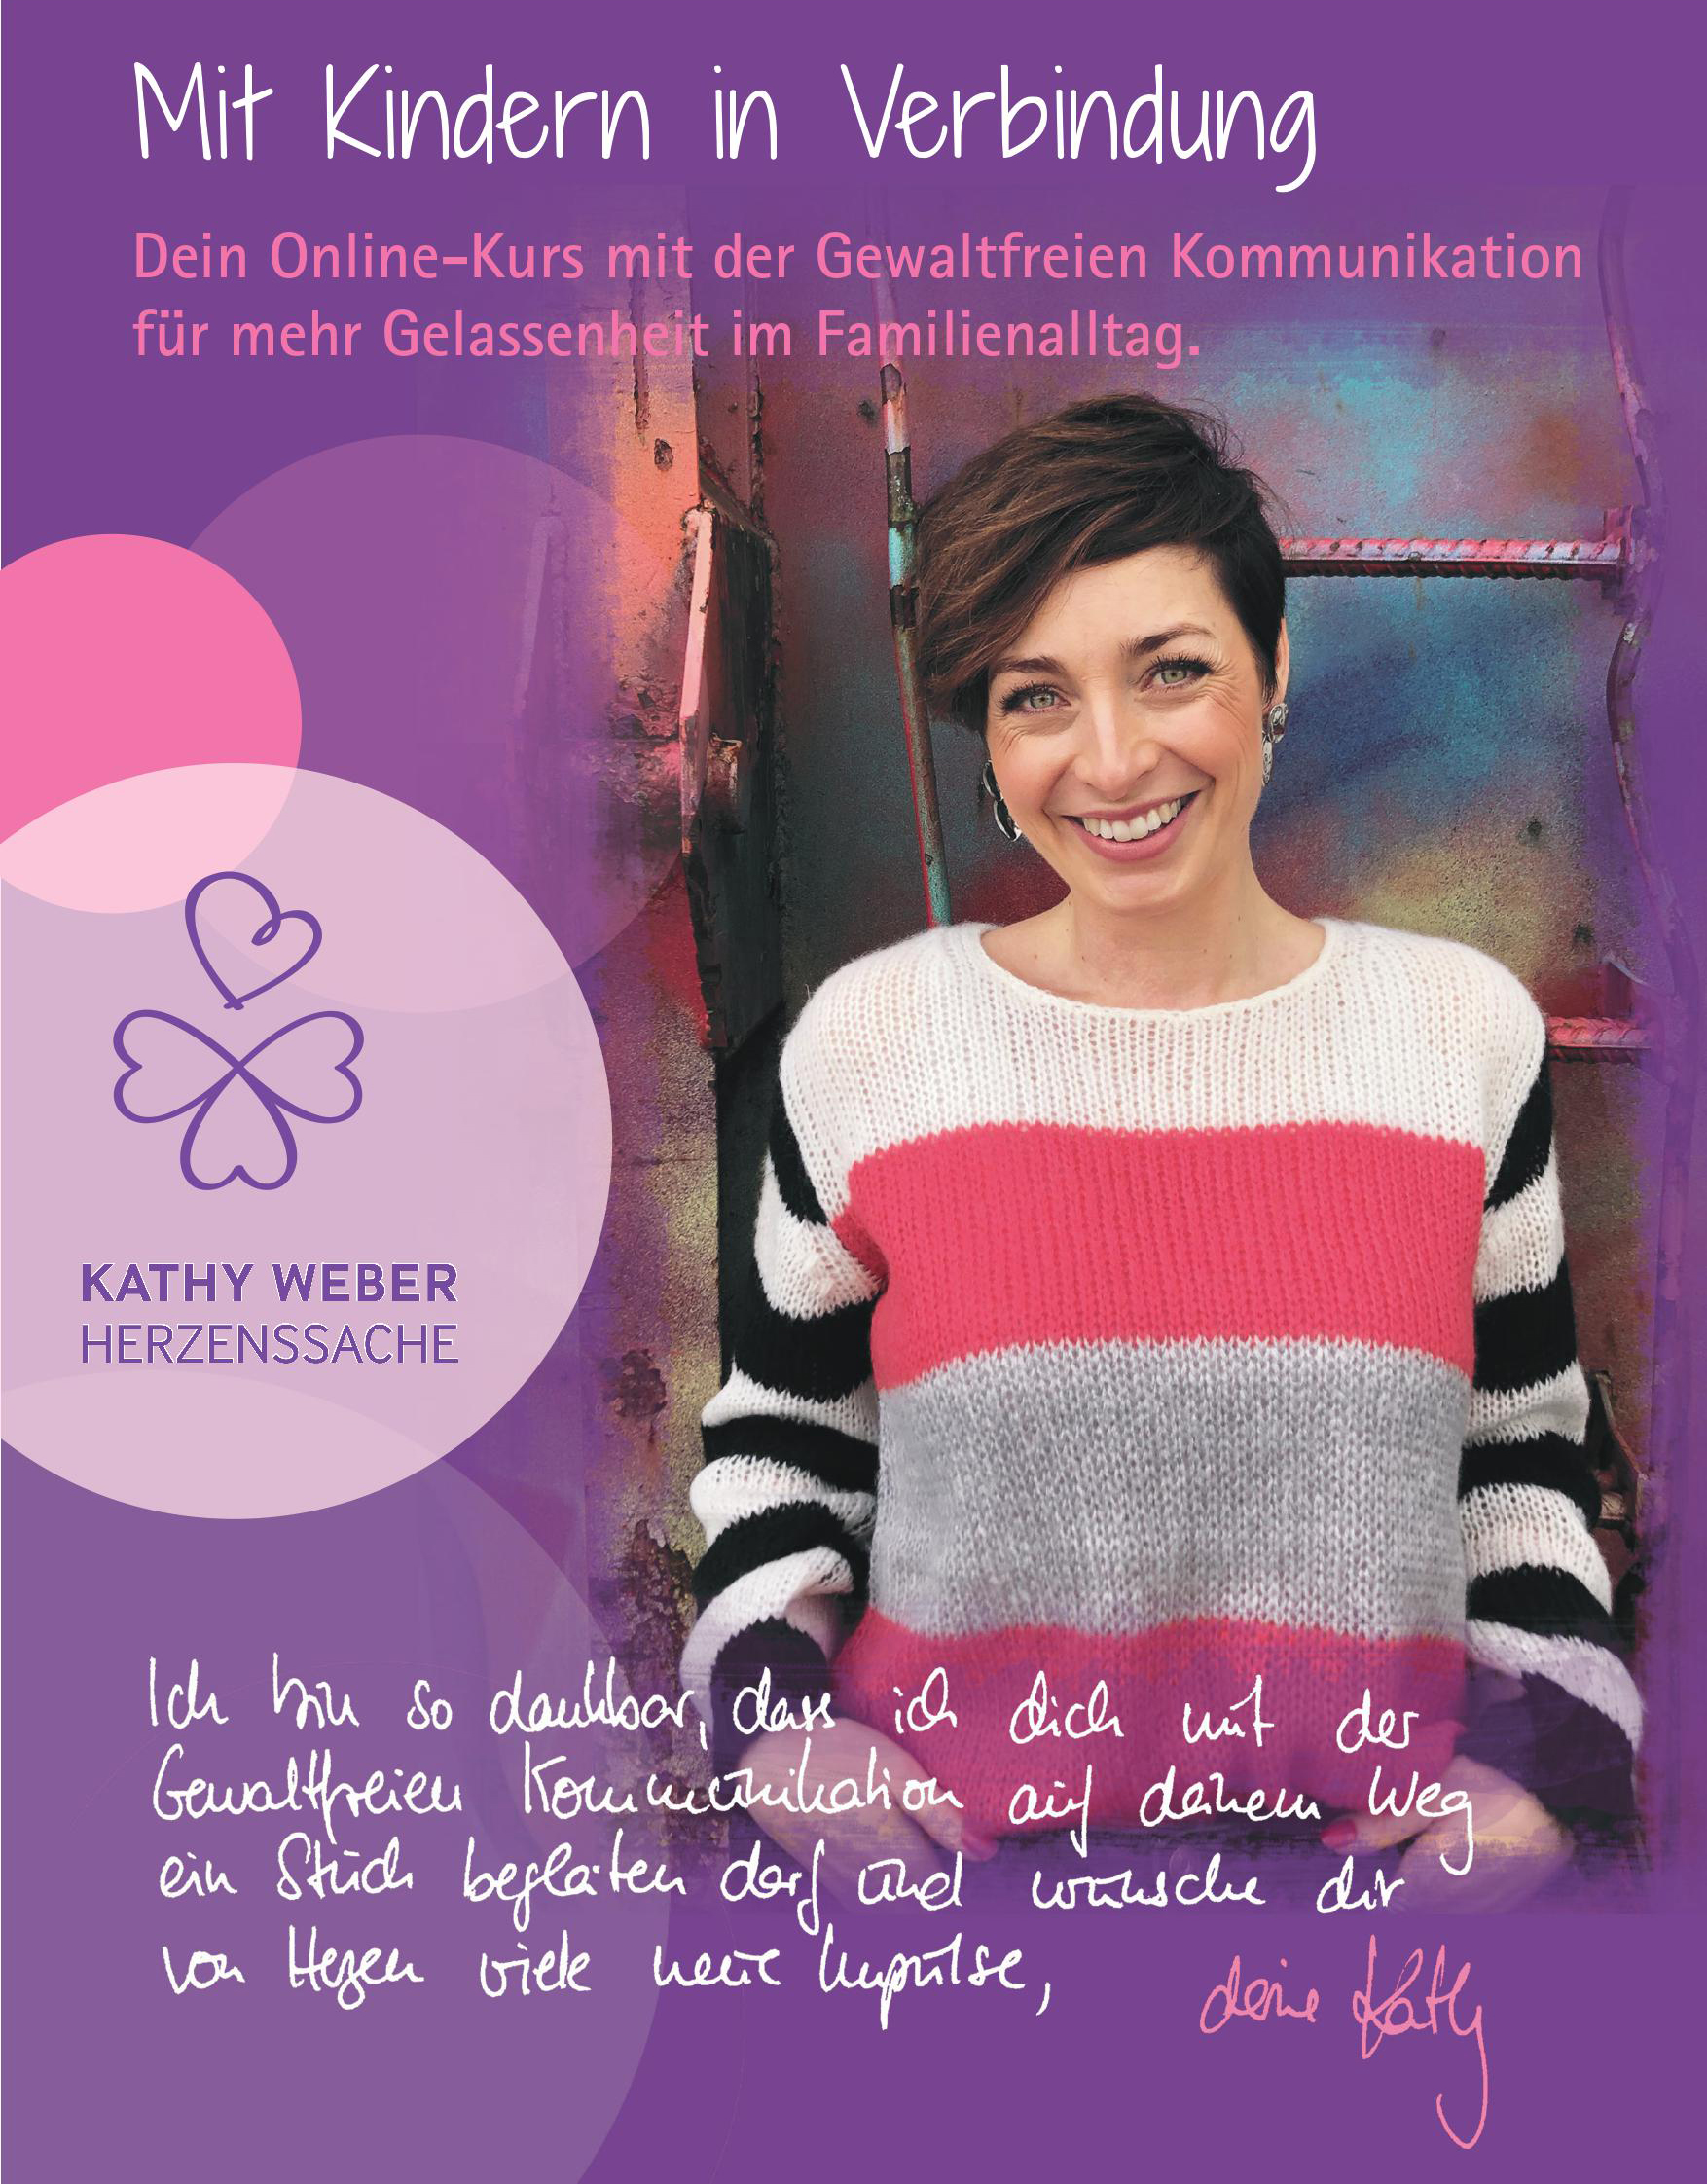 Kathy Weber Herzenssache GfK-Onlinekurs Banner